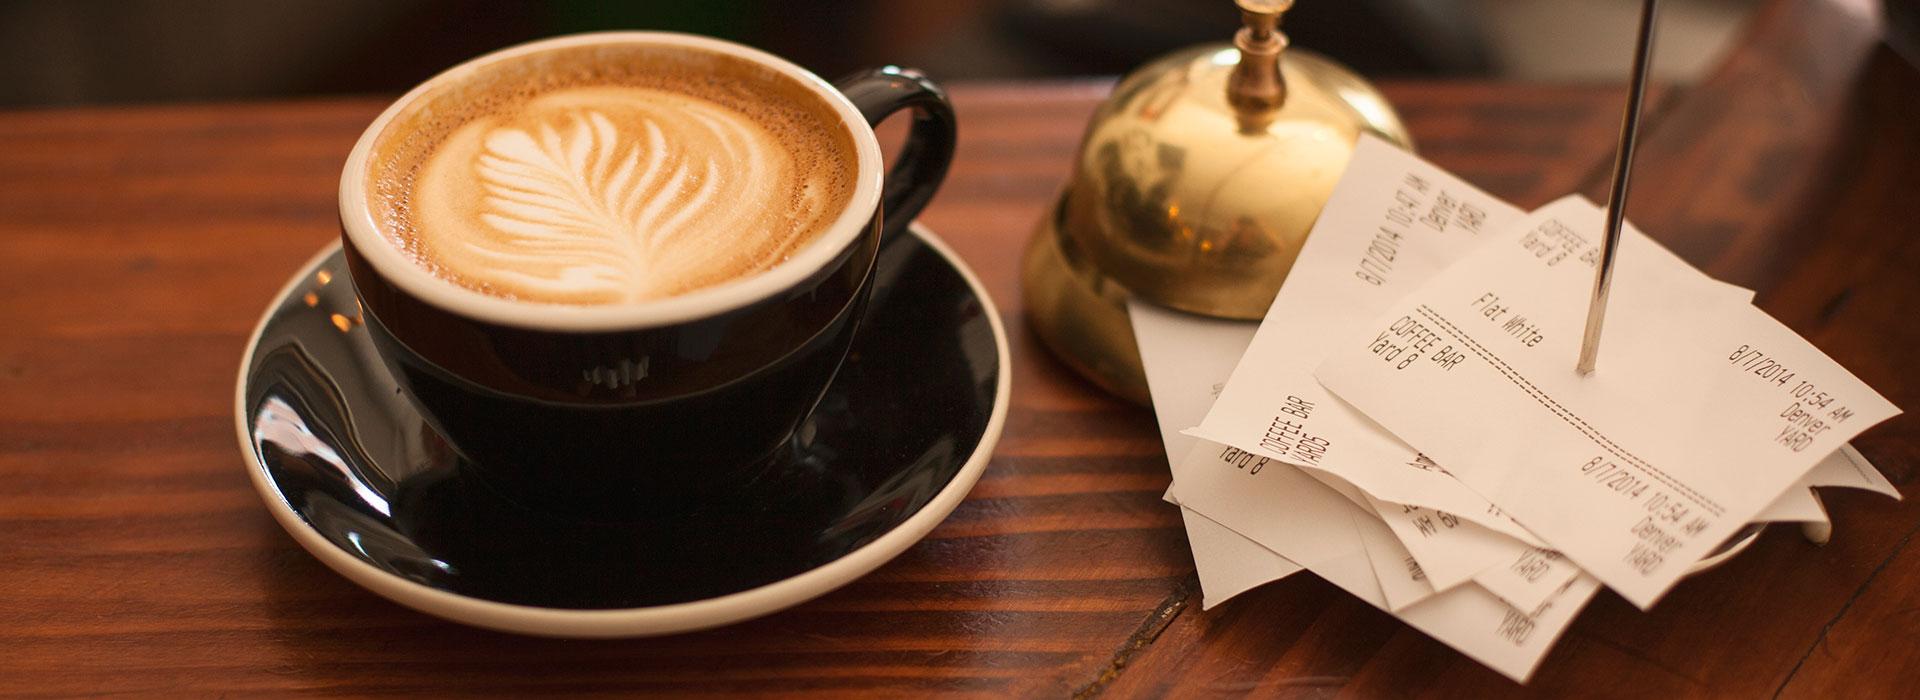 приготолвение польского кофе фото